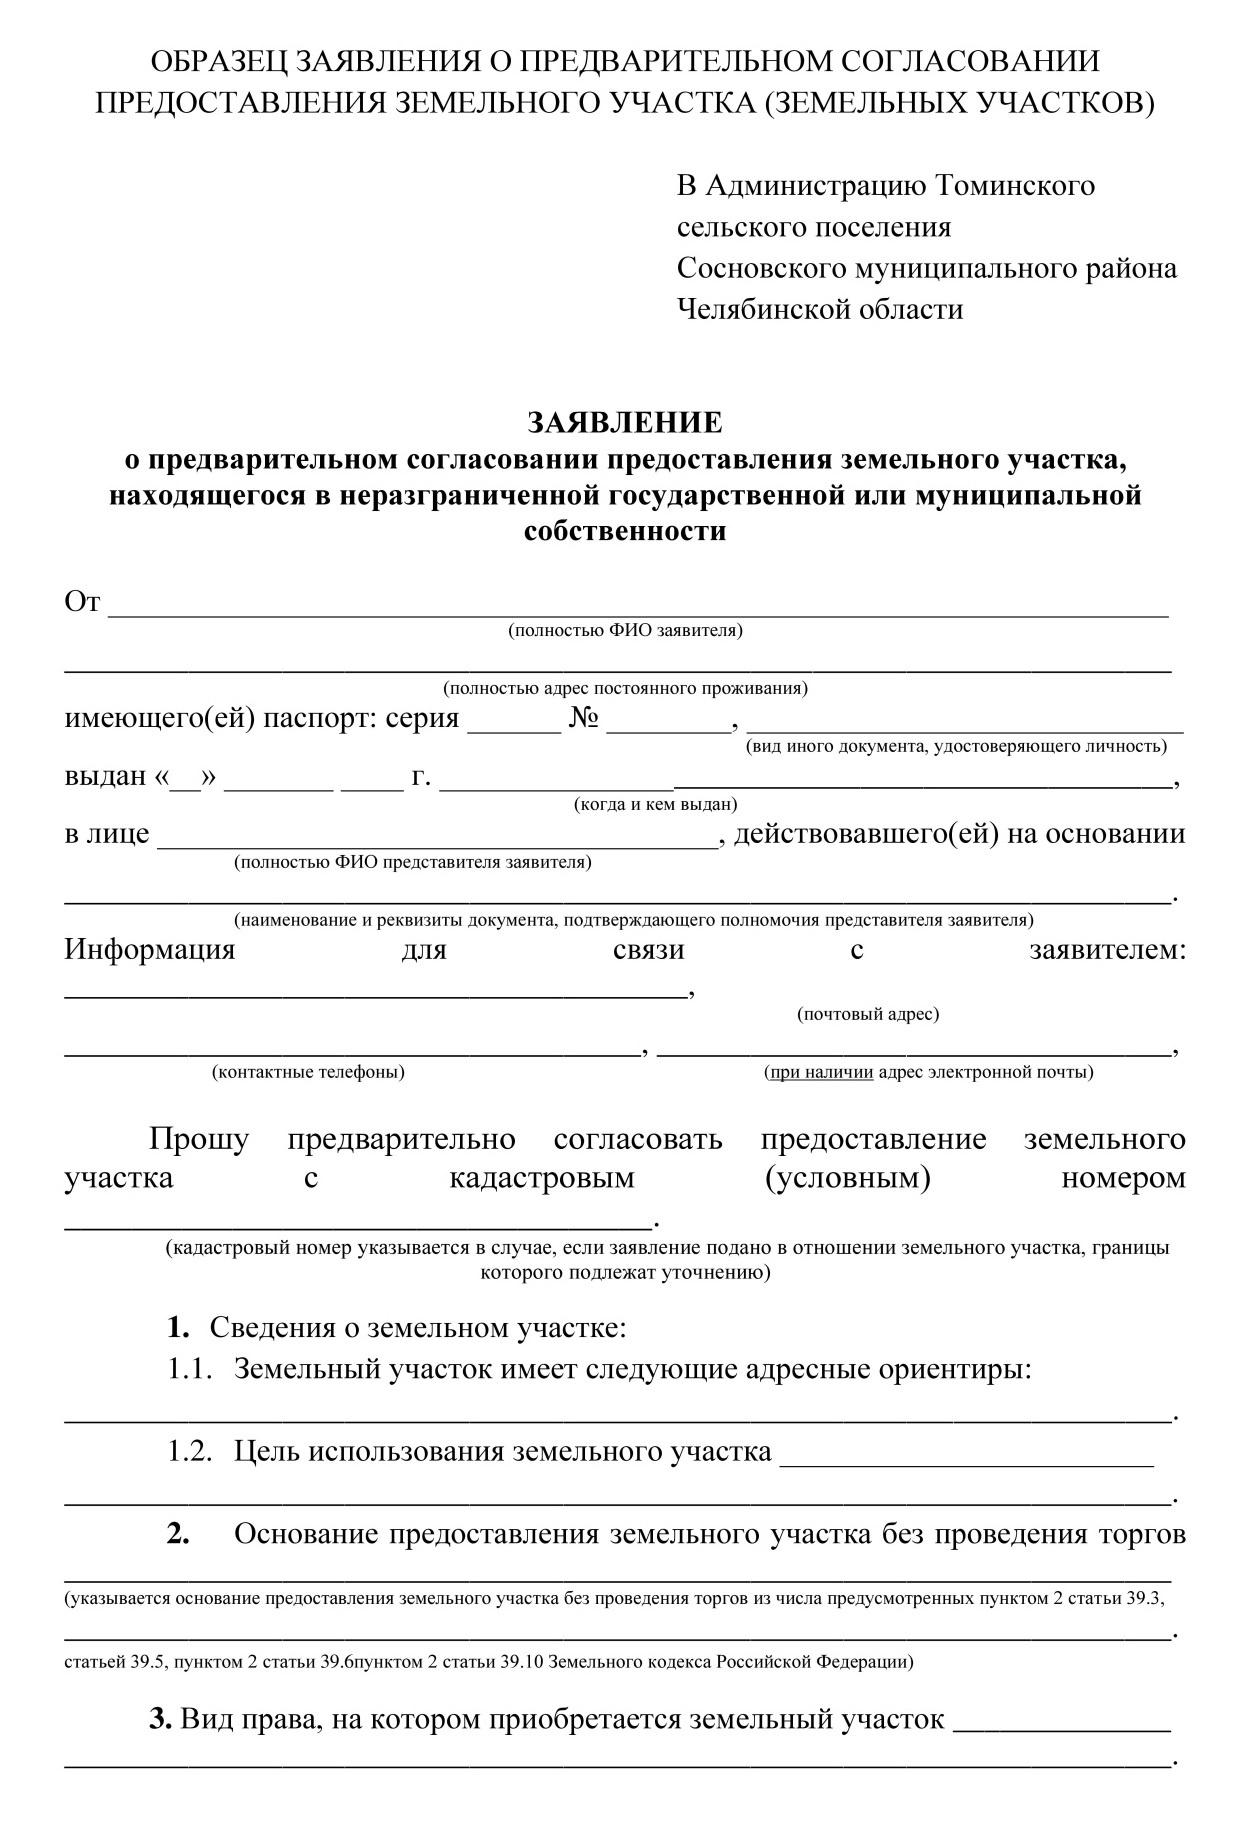 Образец заявление на предварительное согласование земельного участка